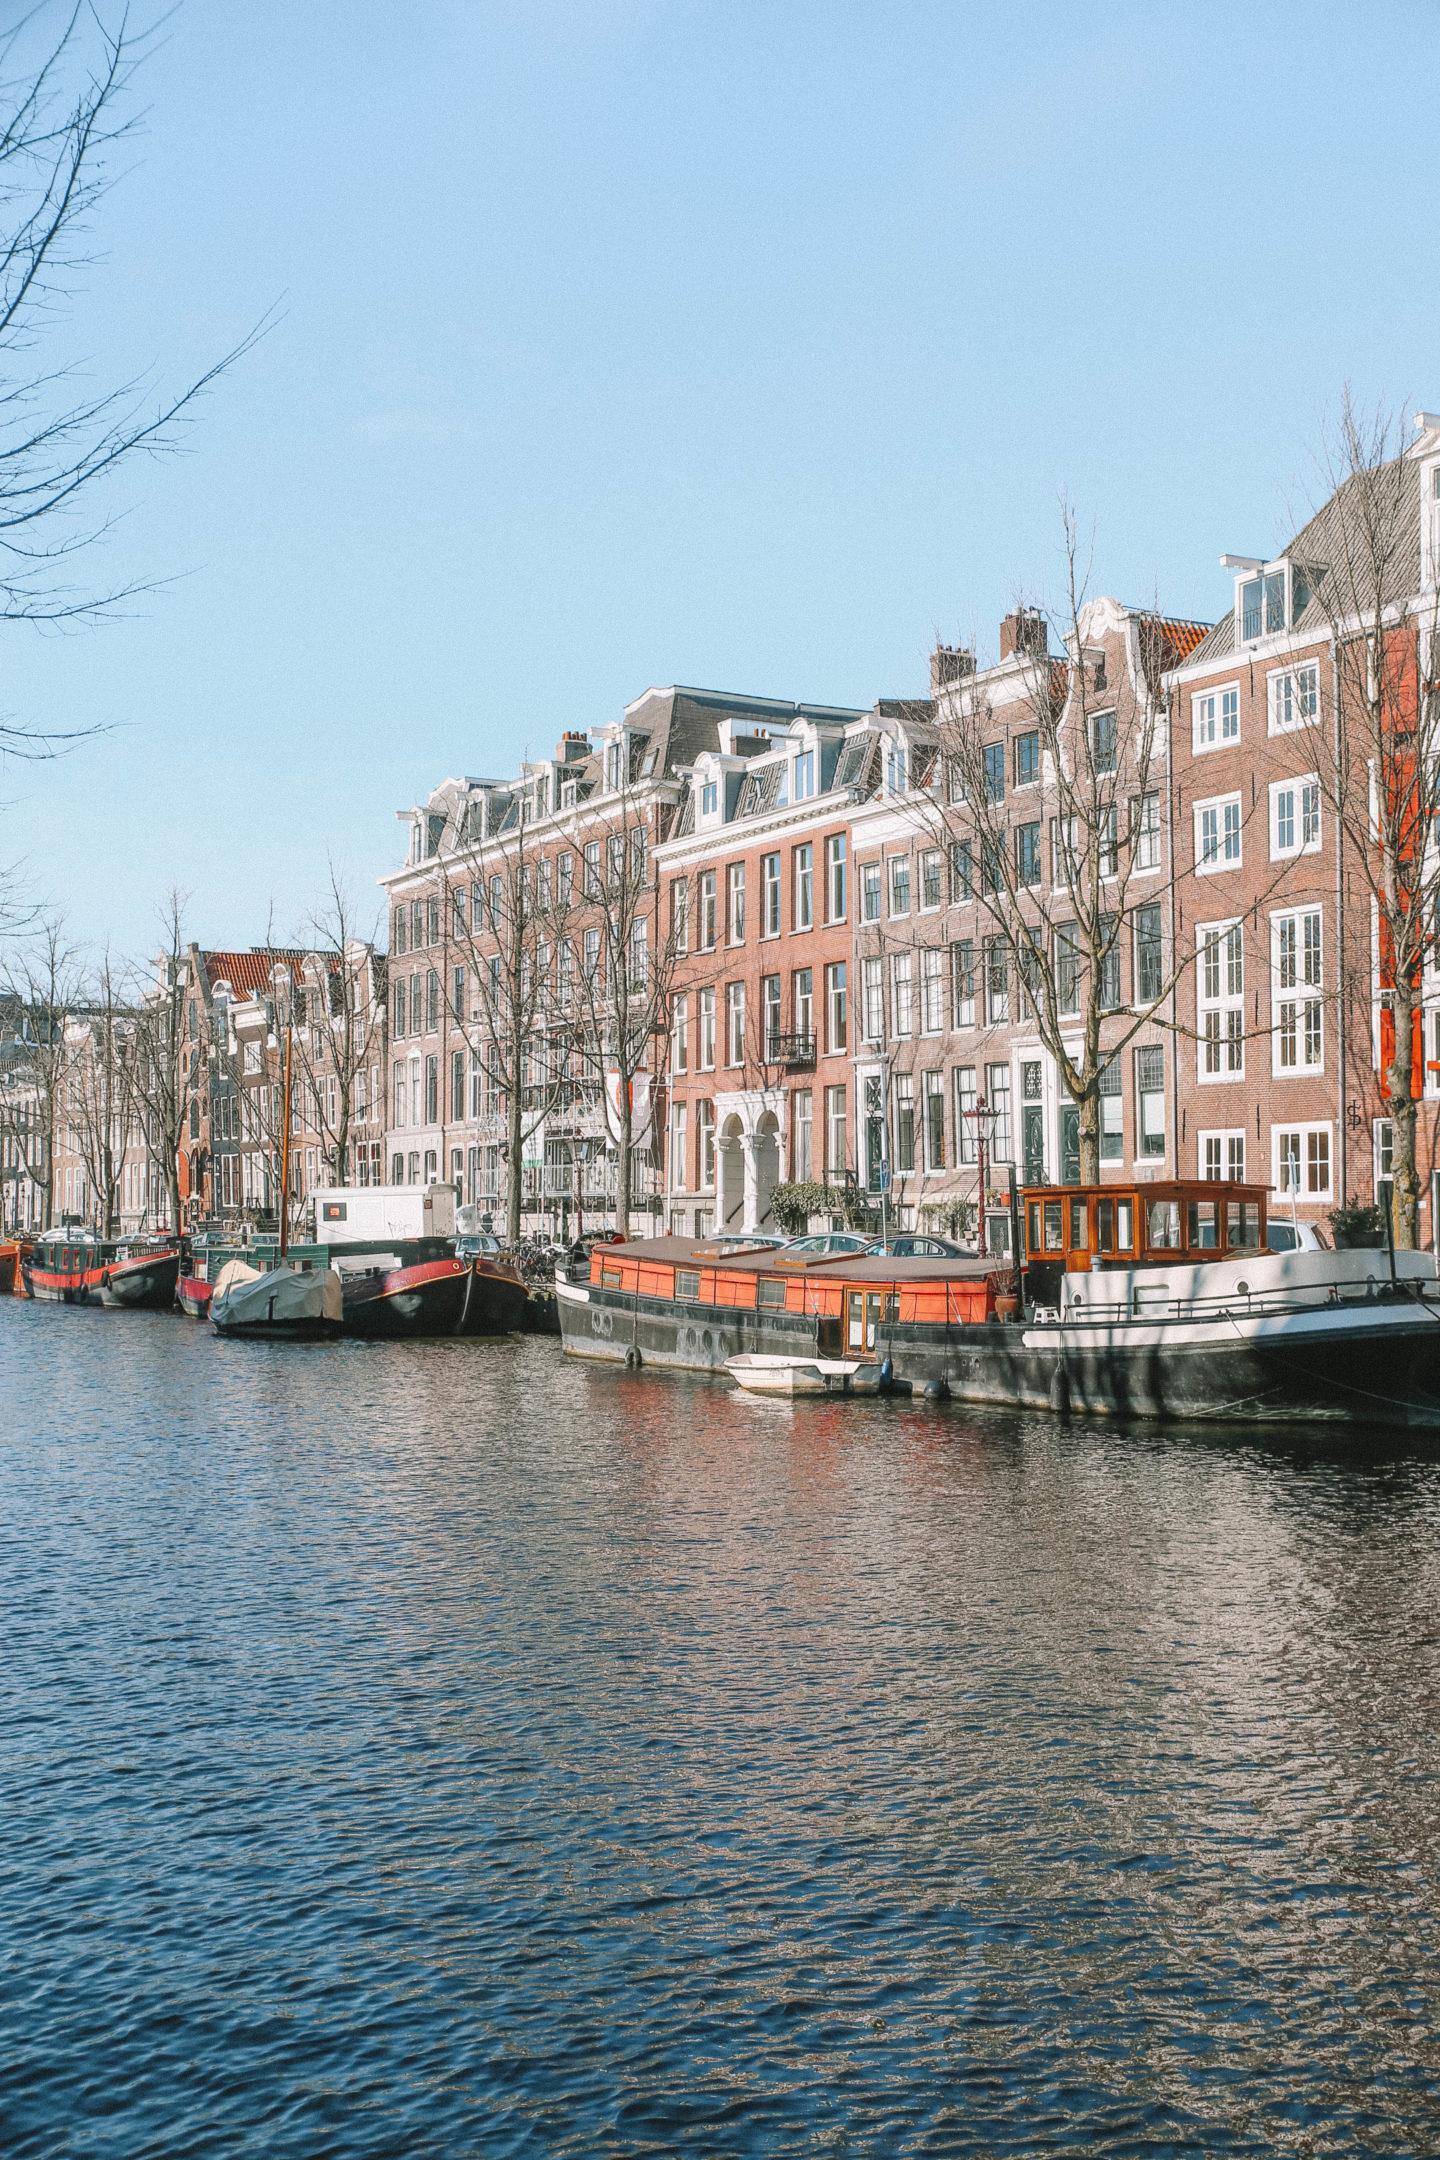 Que faire à Amsterdam - Blondie baby blog mode et voyages